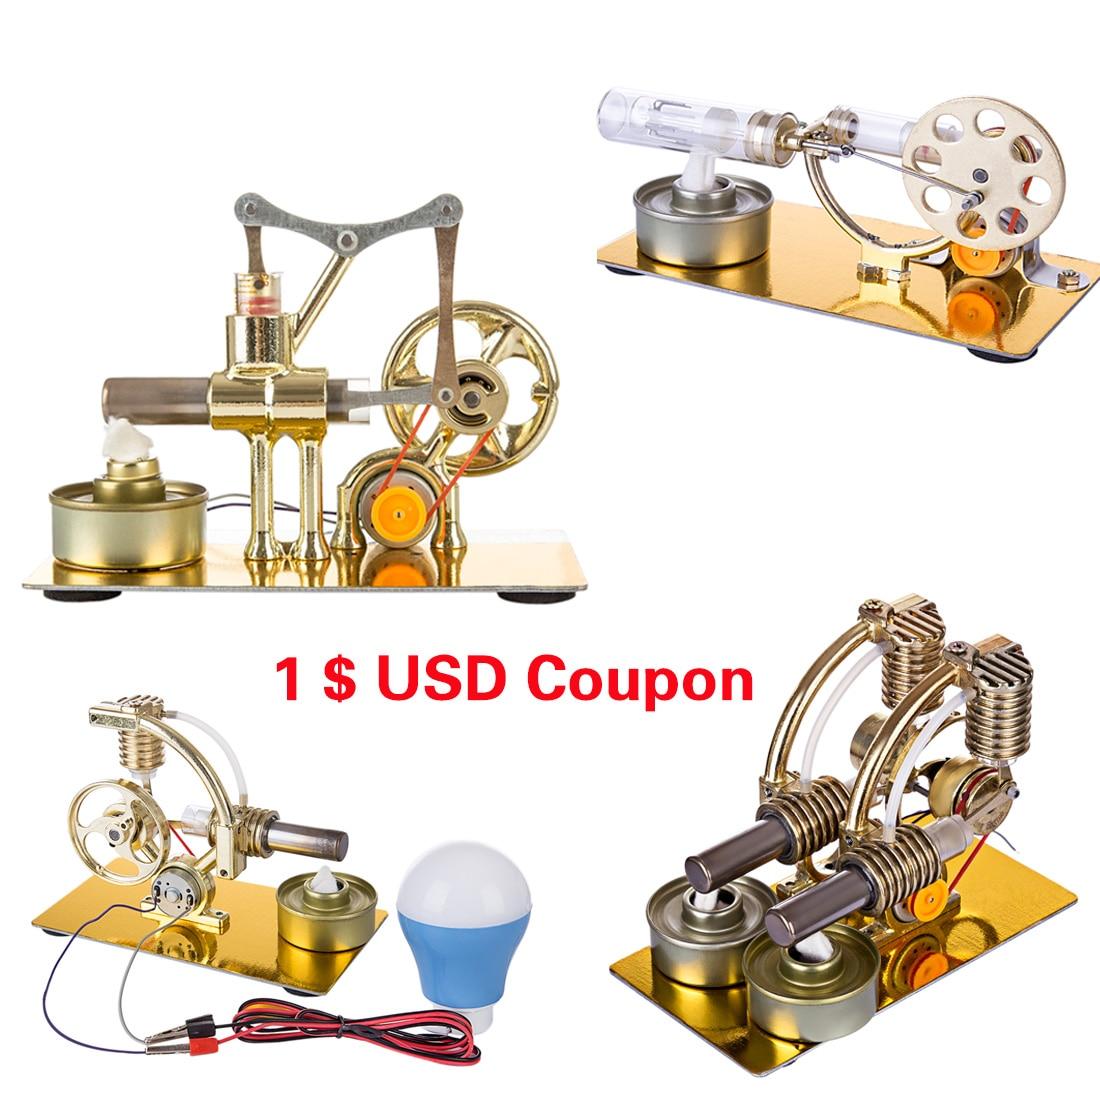 Surwish 2019 Novo Adolescente do Laboratório de Física Equilíbrio Único Cilindro Modelo Do Motor Stirling Educação Kit Experimento Científico da Base de Metal